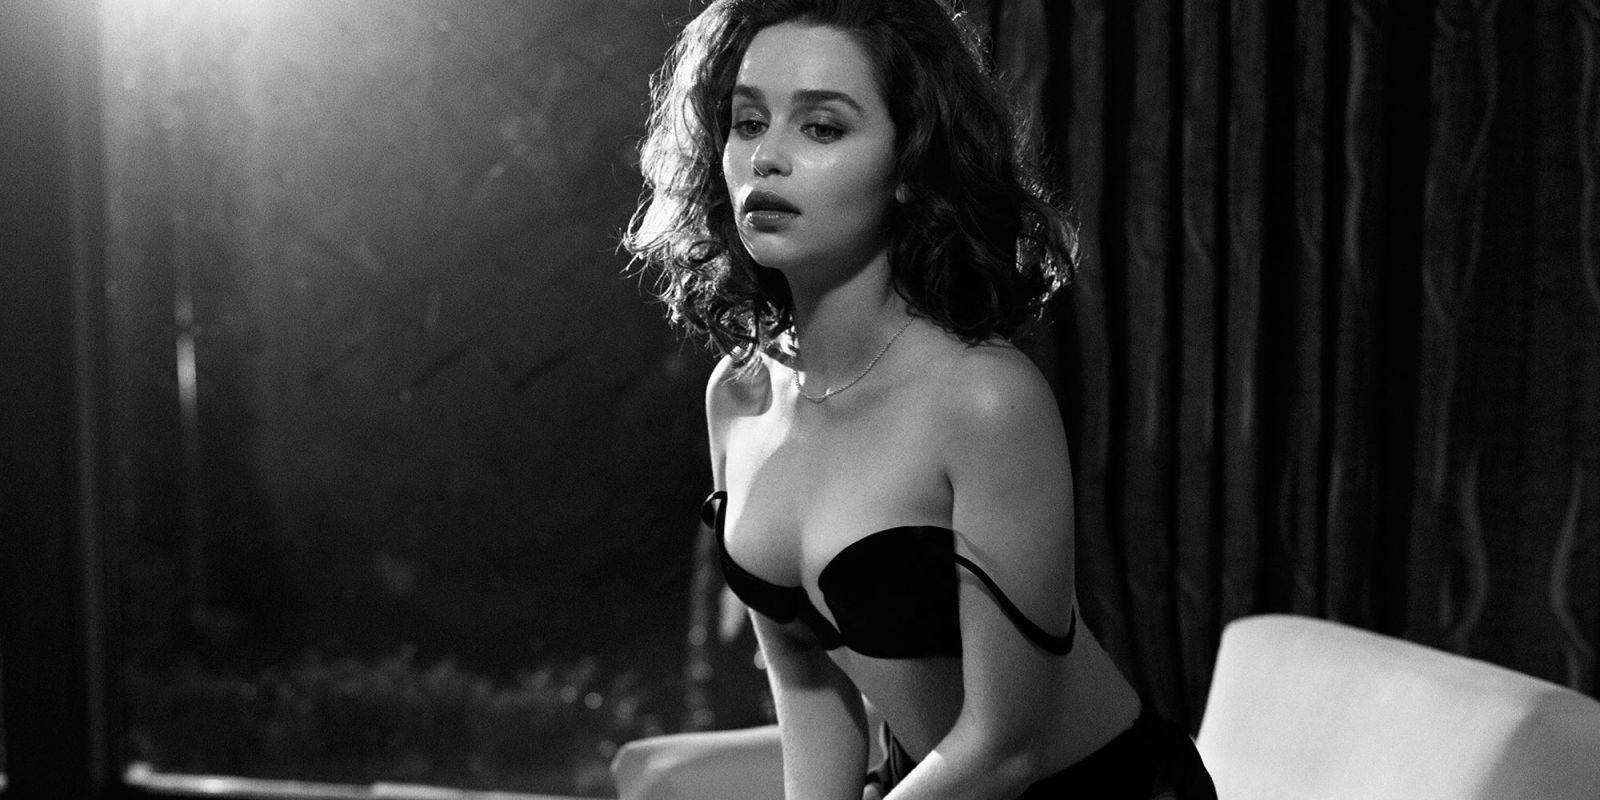 best of Porn FuckBook France Women In 2018 Nude